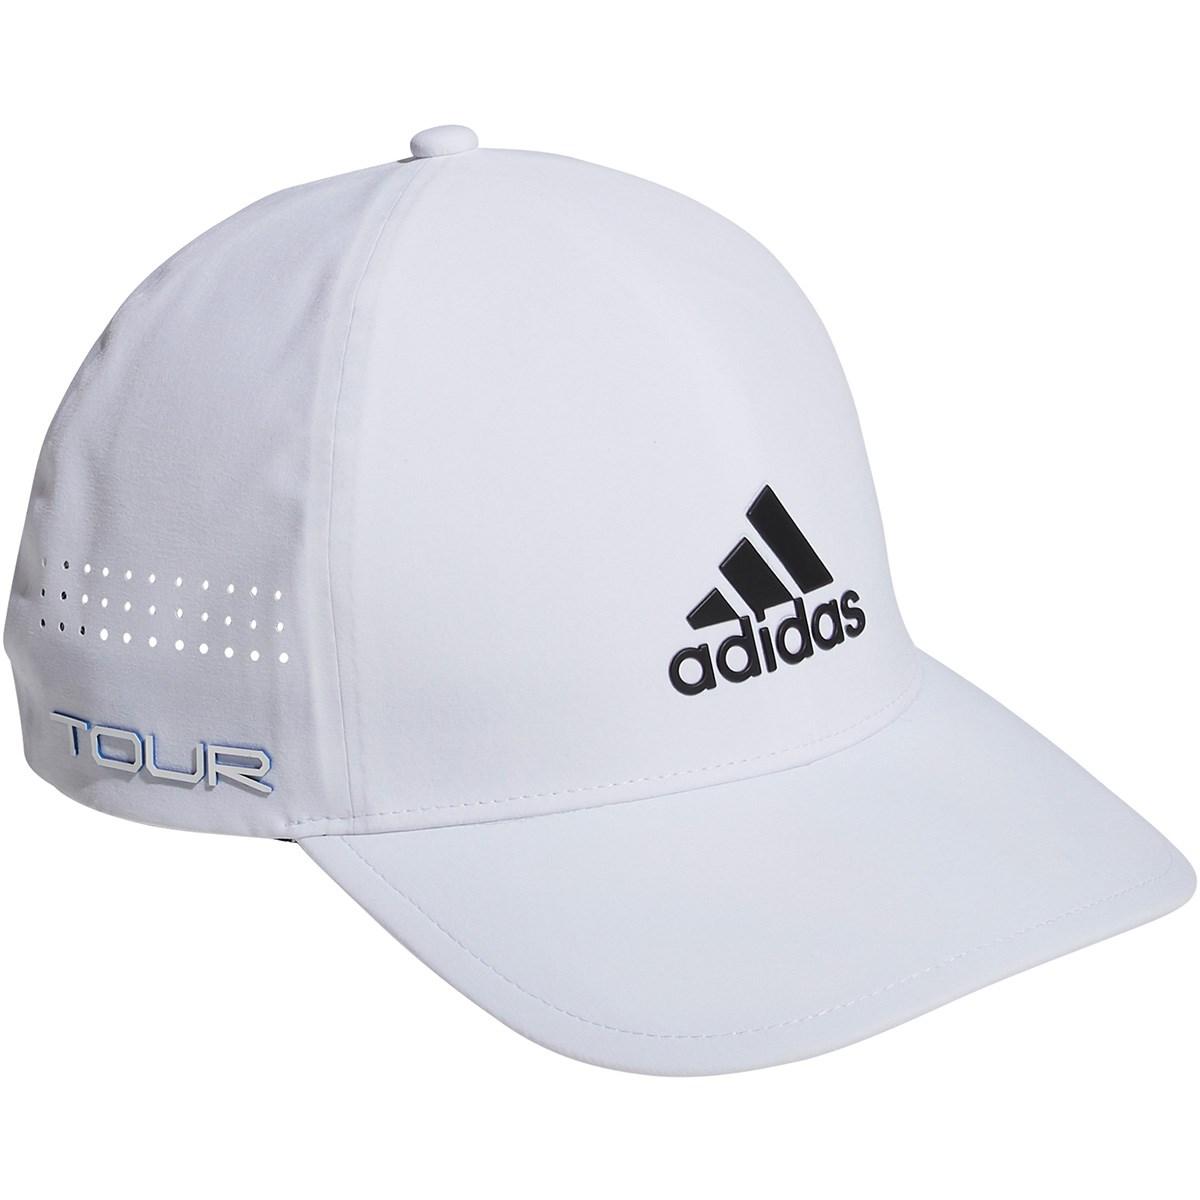 アディダス Adidas ツアーライトテックキャップ OSFX ホワイト